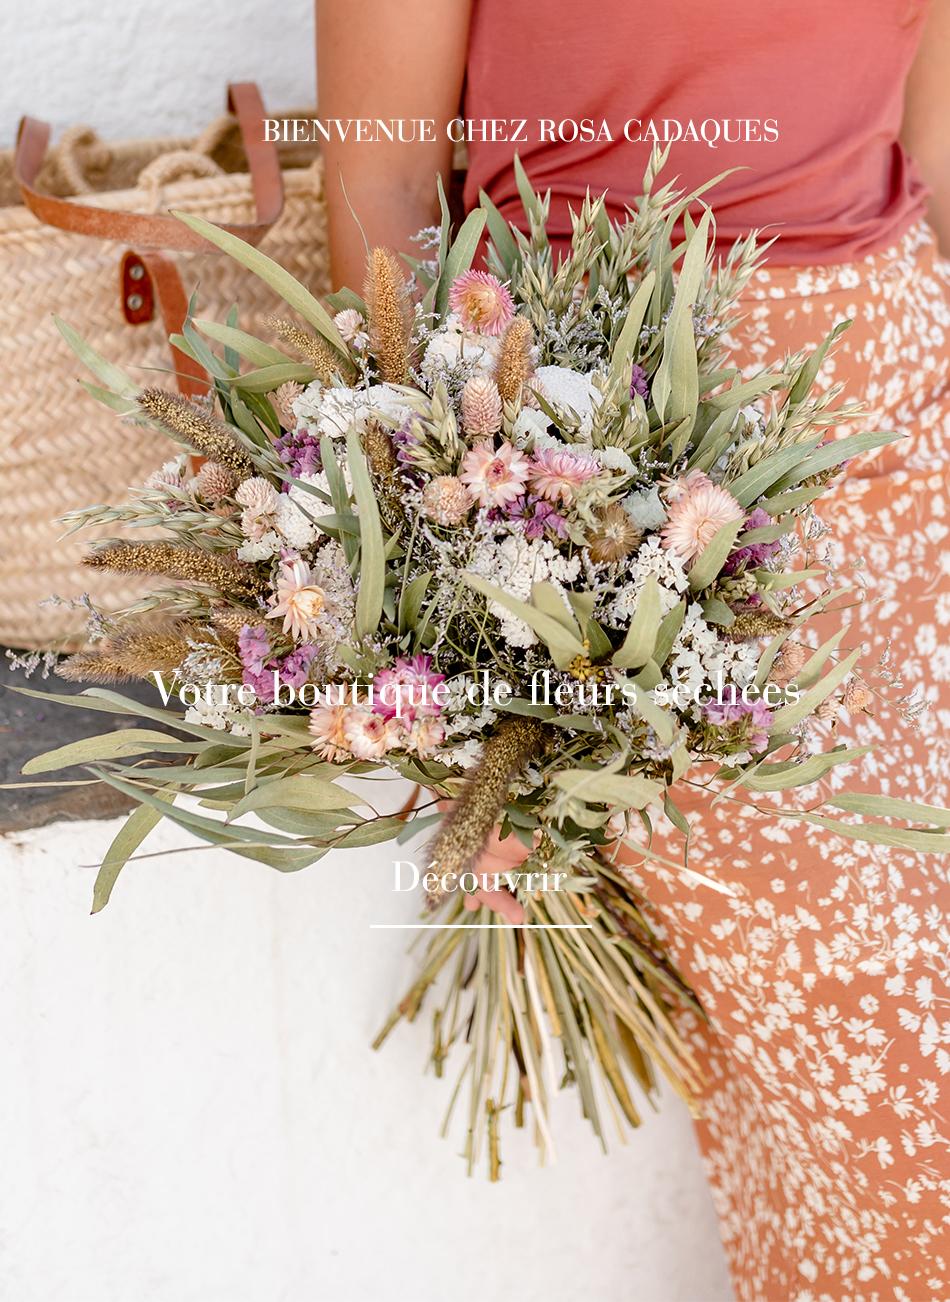 Bouquets fleurs séchées Rosa Cadaqués